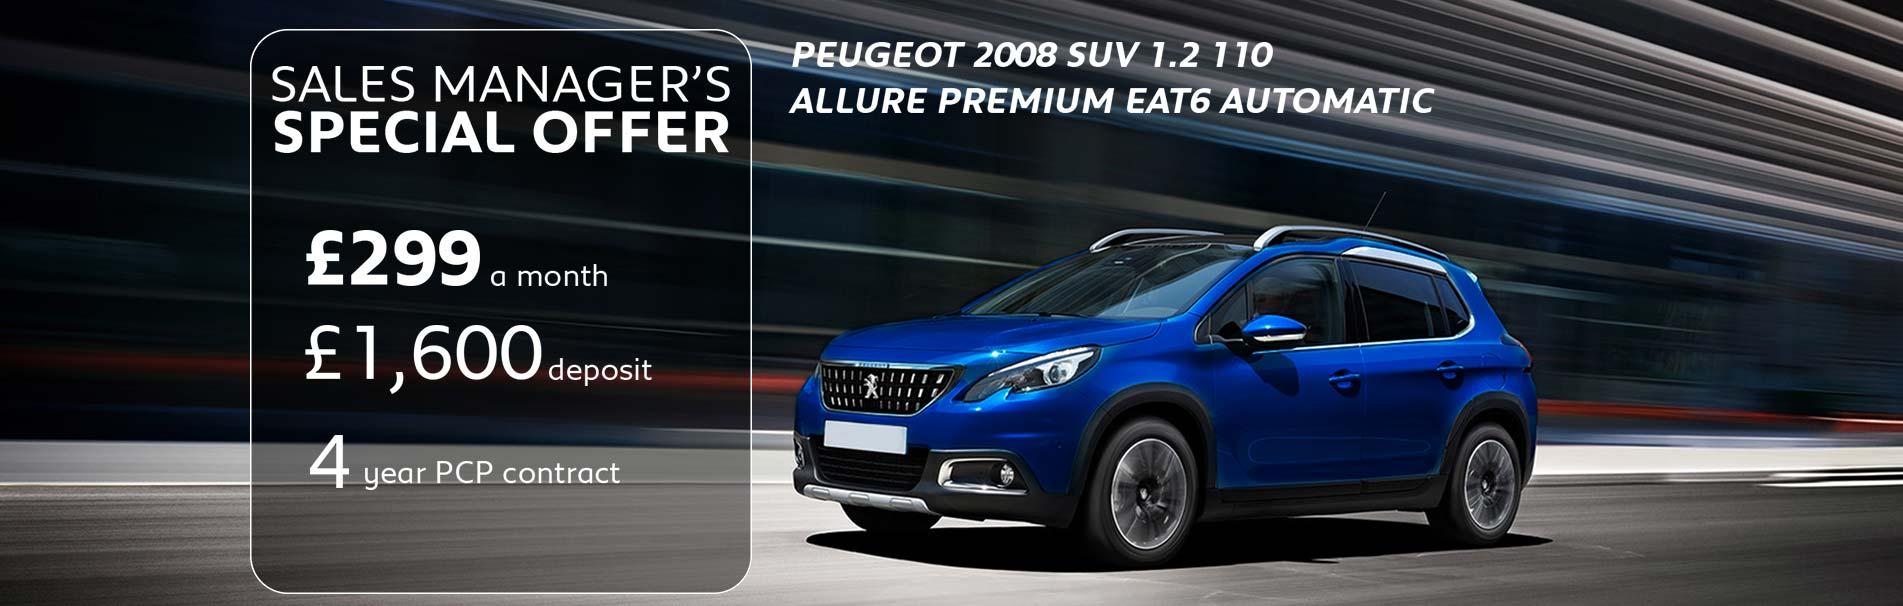 quaser-blue-peugeot-2008-suv-allure-premium-auto-managers-special-sli